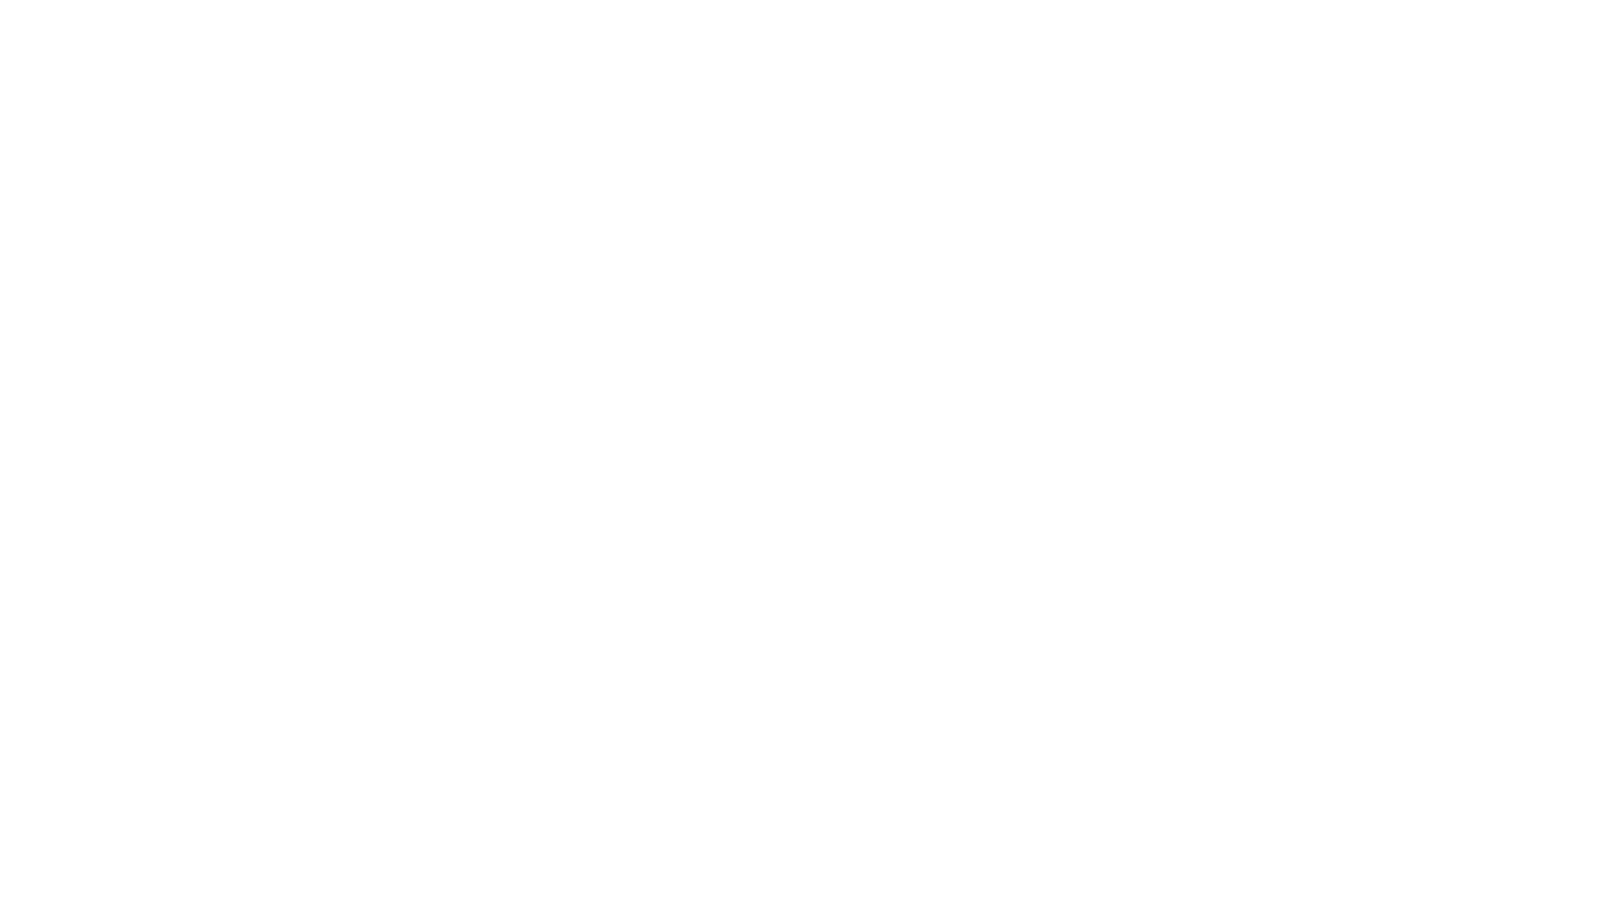 © ALMAmusik // Ramsaubirig (trad.) , filmed by Emerentine Soulcié, recorded by Thomas Egger, mixed by Christoph BurgstallerTaucht man in die Welt von ALMA ein, erscheinen Kategorien wie Raum und Zeit relativ. Wie nach dem Genuss eines guten Glases Wein oder einem übermütig getanzten Walzer, hinterlässt deren Musik ein wohl dosiertes Schwindelgefühl. Vor dem inneren Auge entstehen während des Hörens Soundlandschaften, die einen gut beschuht durch Tradition und Moderne tänzeln lassen. Zu ihrem 10-jährigen Bandjubiläum erweitert das Quintett nun seine Spielräume und sprengt die Grenzen zwischen Fantasie und Realität, Körper und Seele, Bühne und Wirtshaus. So betritt das Publikum zunächst einen bestuhlten Konzertsaal, um sich weniger später auf einem Tanzboden wiederzufinden. Während der erste Teil des Abends den Raum in Richtung Zukunft dehnt, mit Spieltechniken und Improvisationsteilen experimentiert, zollt die zweite Konzerthälfte traditionellen Spielarten Tribut. Gemeinsamer Nenner ist und bleibt dabei die Gegenwart, in der Alma vor allem für eines sorgt: Furore!BESETZUNGJulia Lacherstorfer – Geige, Gesang | OÖEvelyn Mair – Geige, Gesang | SüdtirolMatteo Haitzmann – Geige, Gesang | SBGMarie-Theres Stickler – Diat. Harmonika, Gesang | NÖMarlene Lacherstorfer – Kontrabass, Gesang | OÖwww.almamusik.atBOOKINGdiverted music // Christina SanollKarolinengasse 30/7 , 1040 Wien ÖsterreichTelefon: (0699) 11 417 413Email: info@divertedmusic.atwww.divertedmusic.at_______________www.almamusik.at